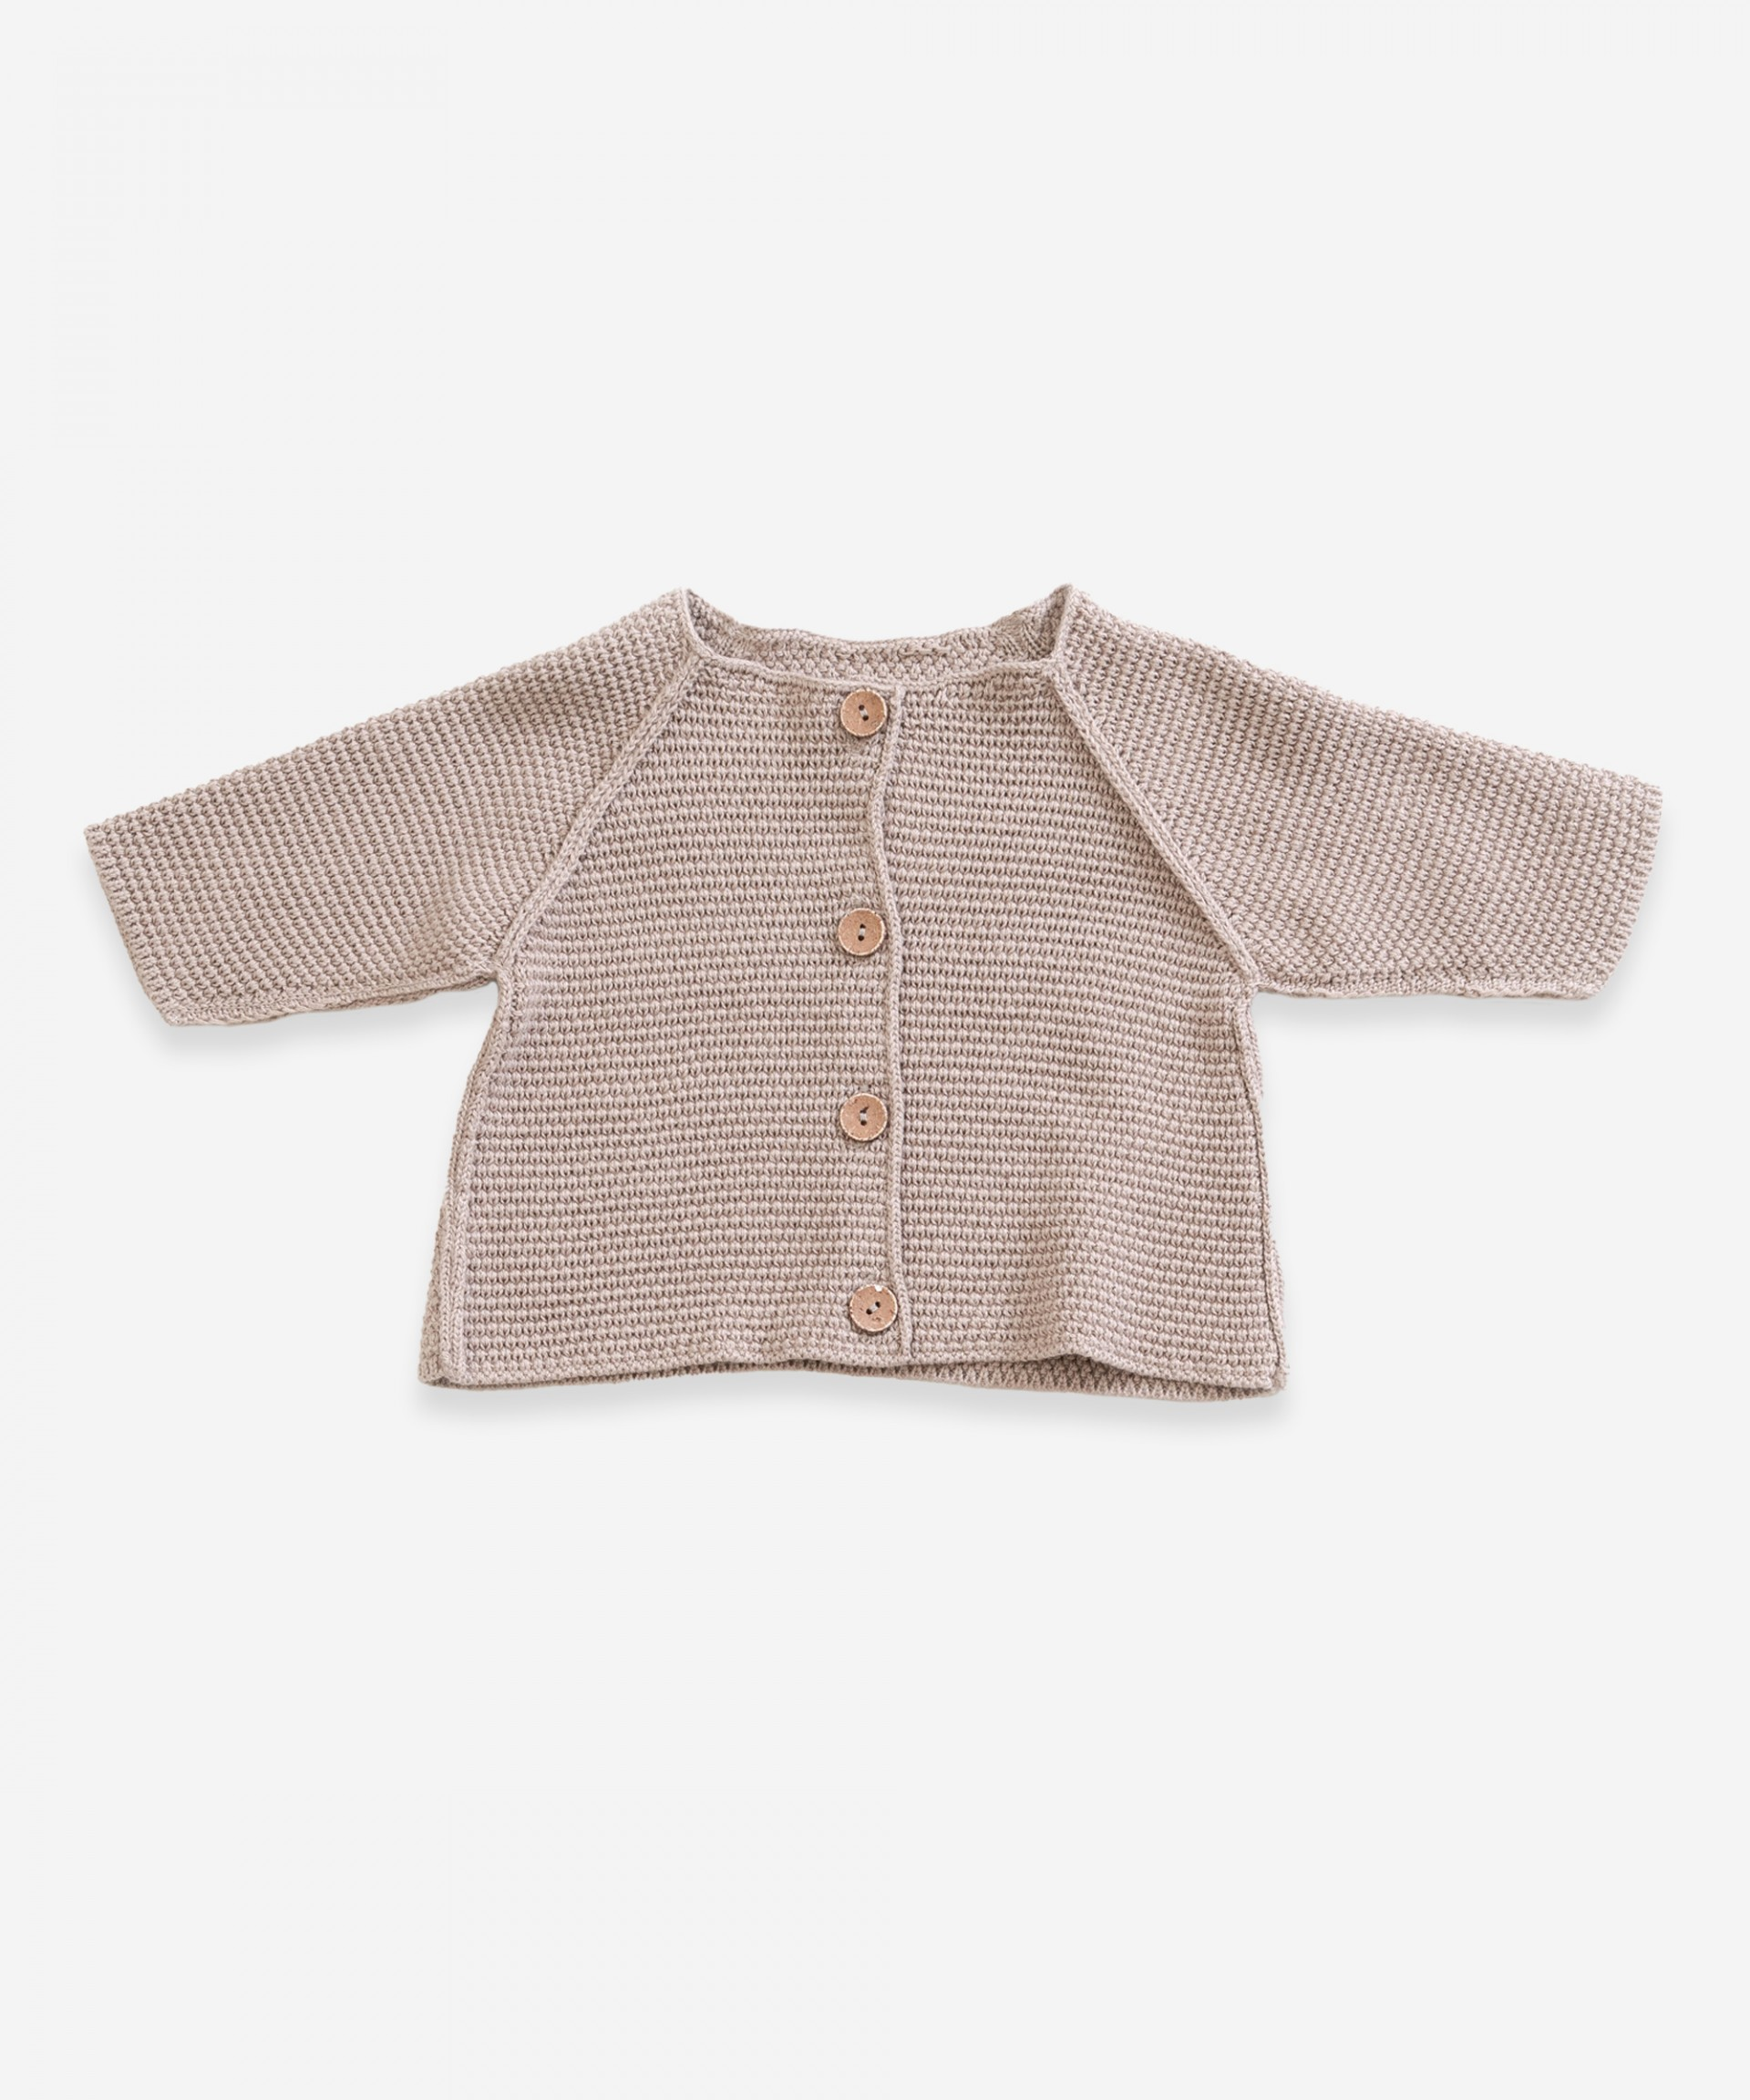 Casaco tricot com botões de resina | Weaving